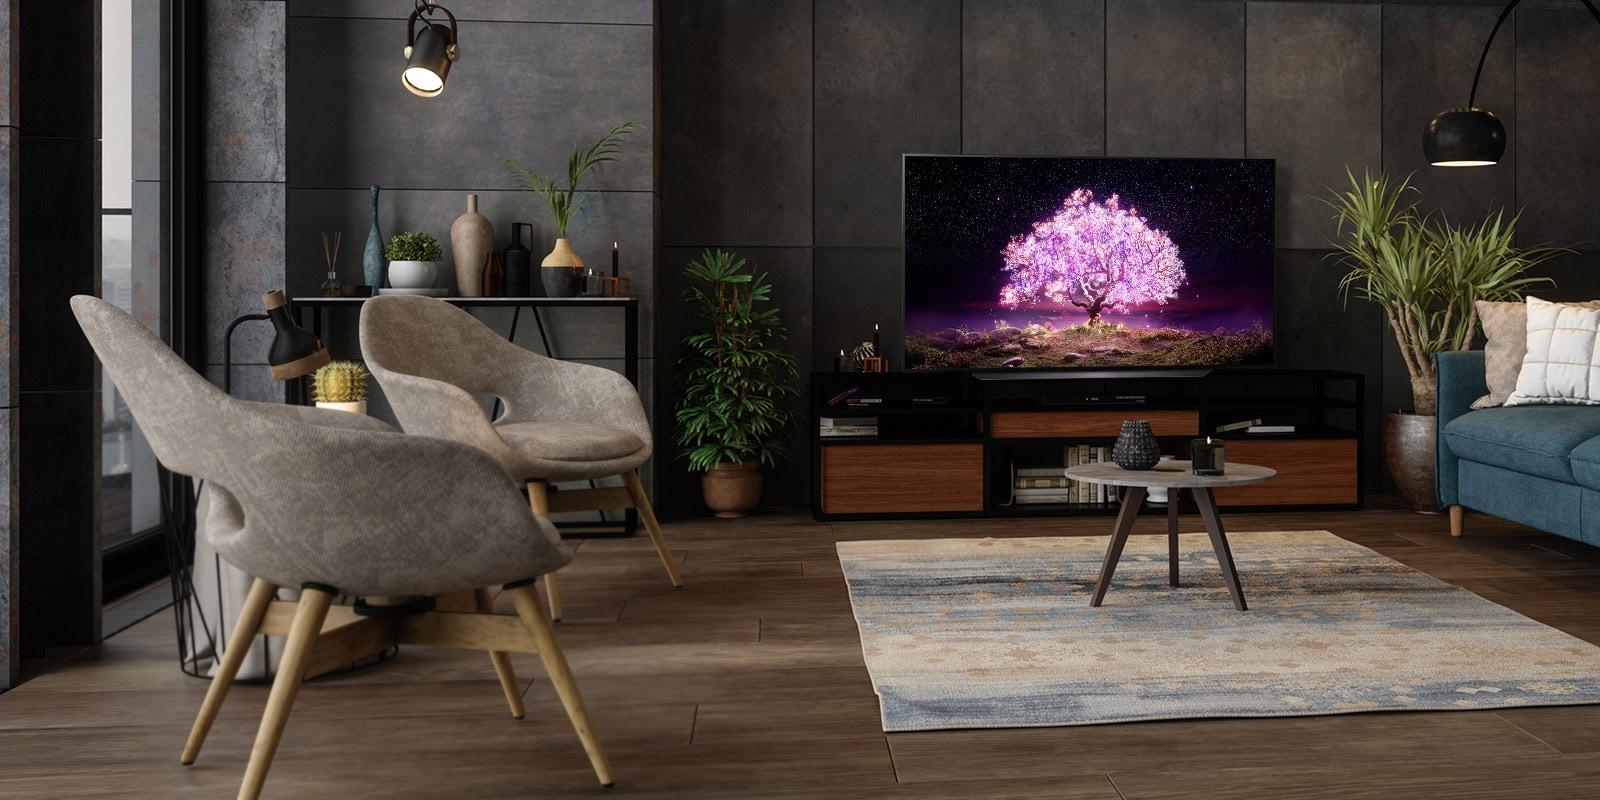 Telewizor przedstawiający drzewo emitujące fioletowe światło w luksusowo urządzonym domu